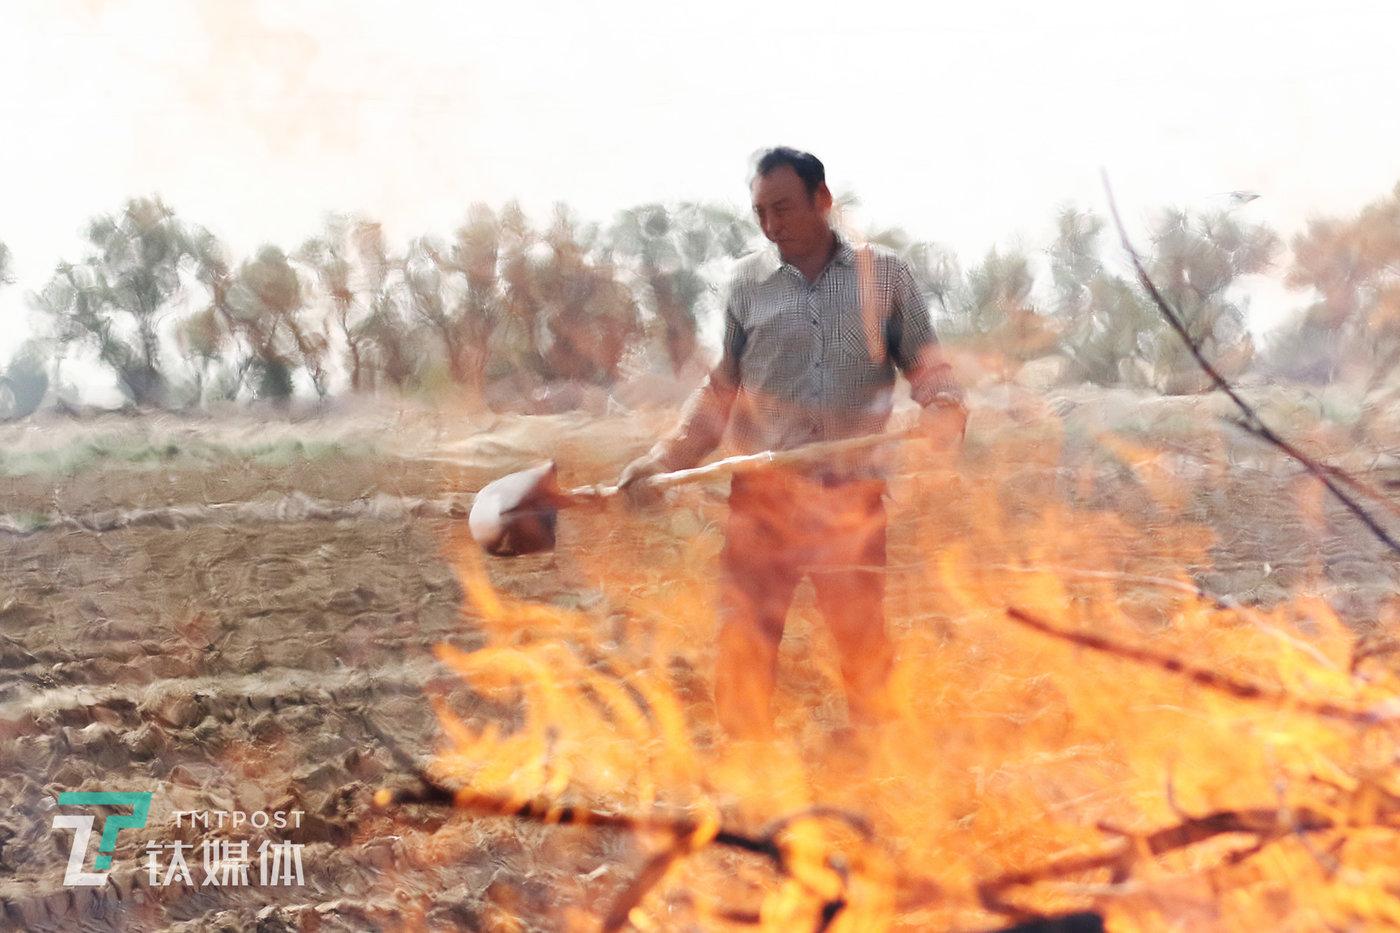 为了让水路畅通,薛志明烧掉了从引水渠里的干枯灌木。